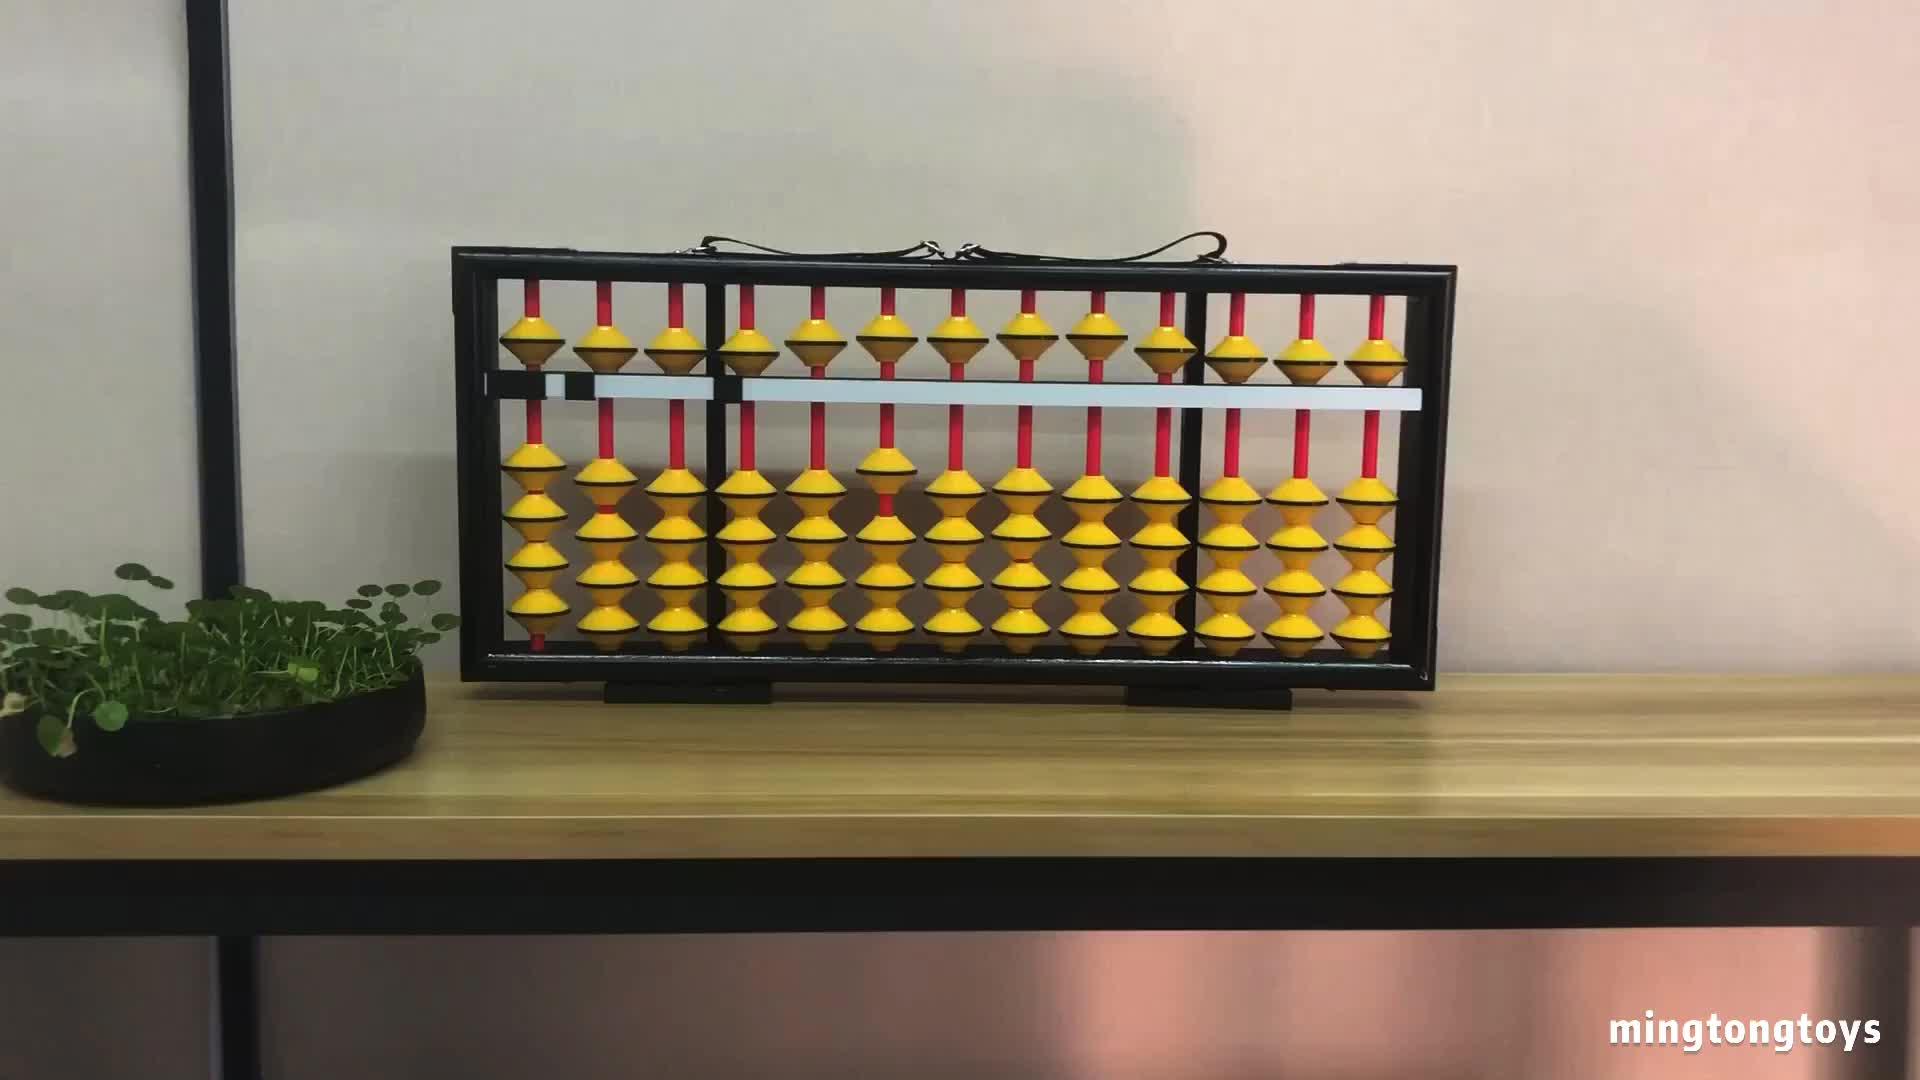 रंग शैक्षिक गणित खिलौने लकड़ी के मनकों Soroban 13 लूटता शिक्षक चीनी बड़े अबैकस